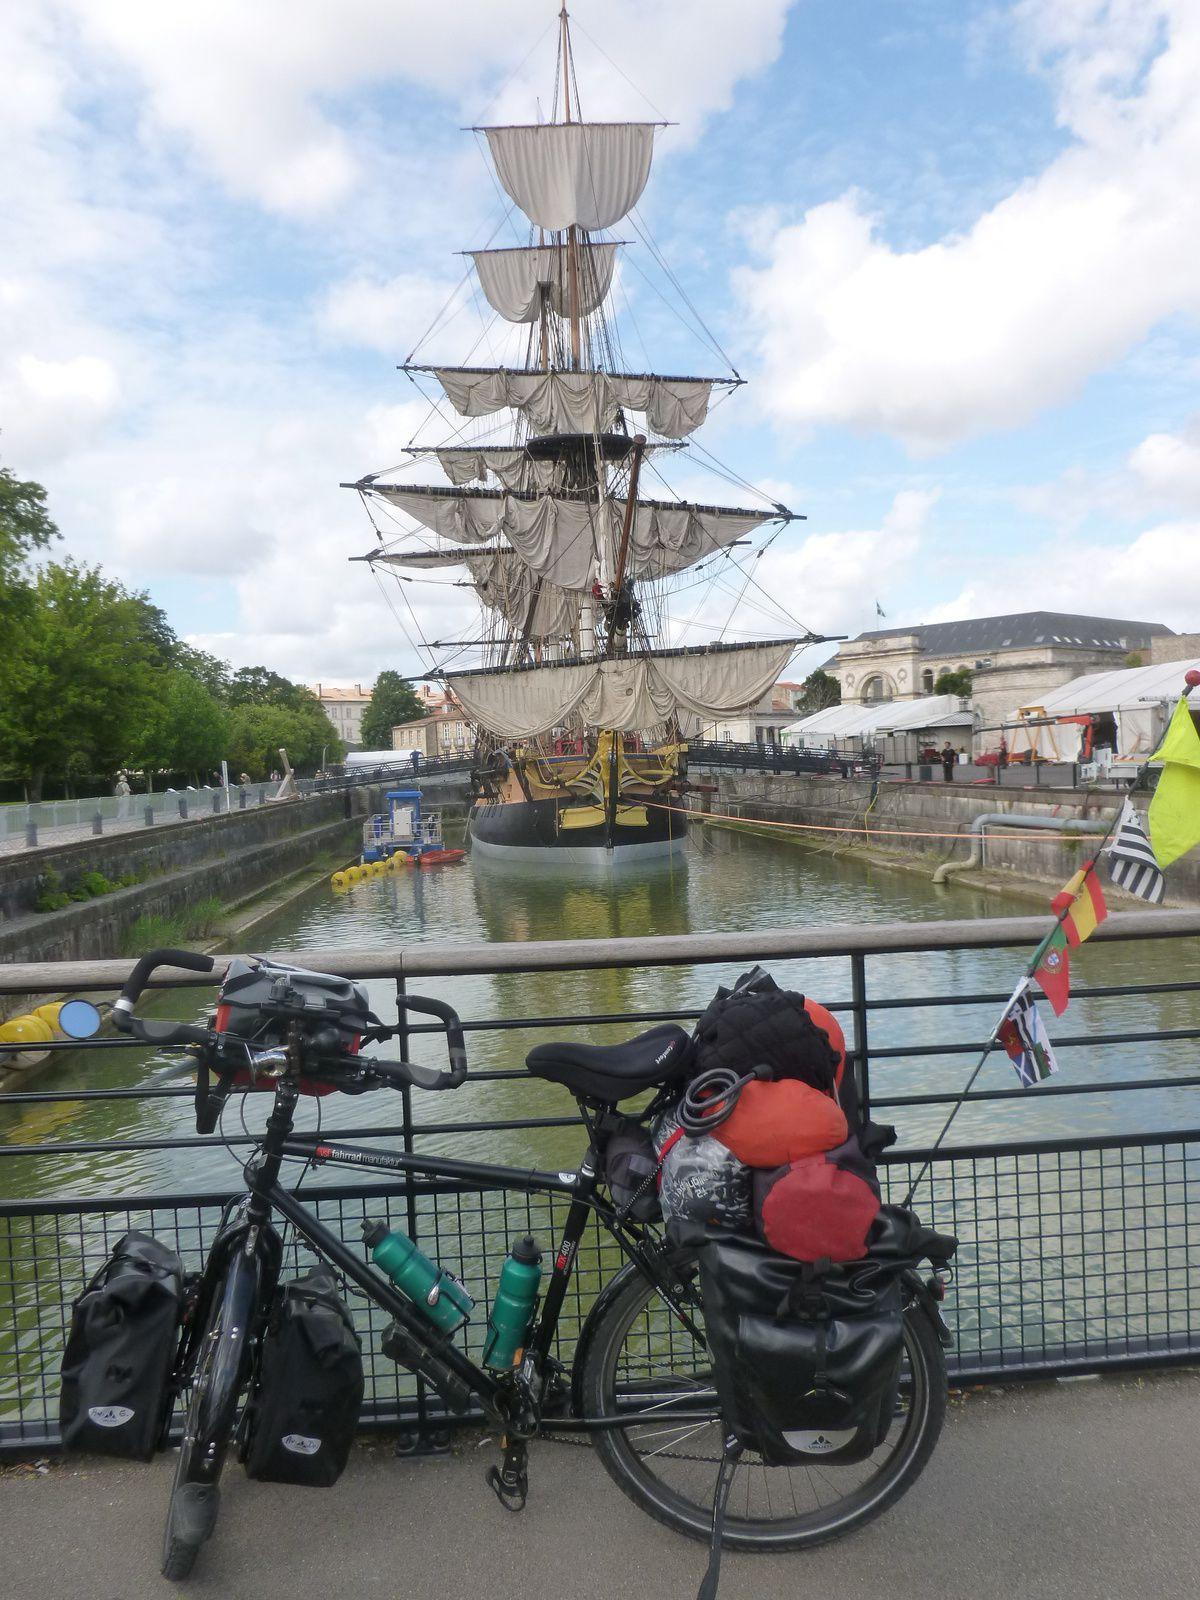 Bonjour appuyé de MtMt à l'Hermione (La Fayette)  Rochefort/Mer, regard tendre vers la Corderie royale, traversée de la Charente boueuse par le Pont transbordeur du Martrou